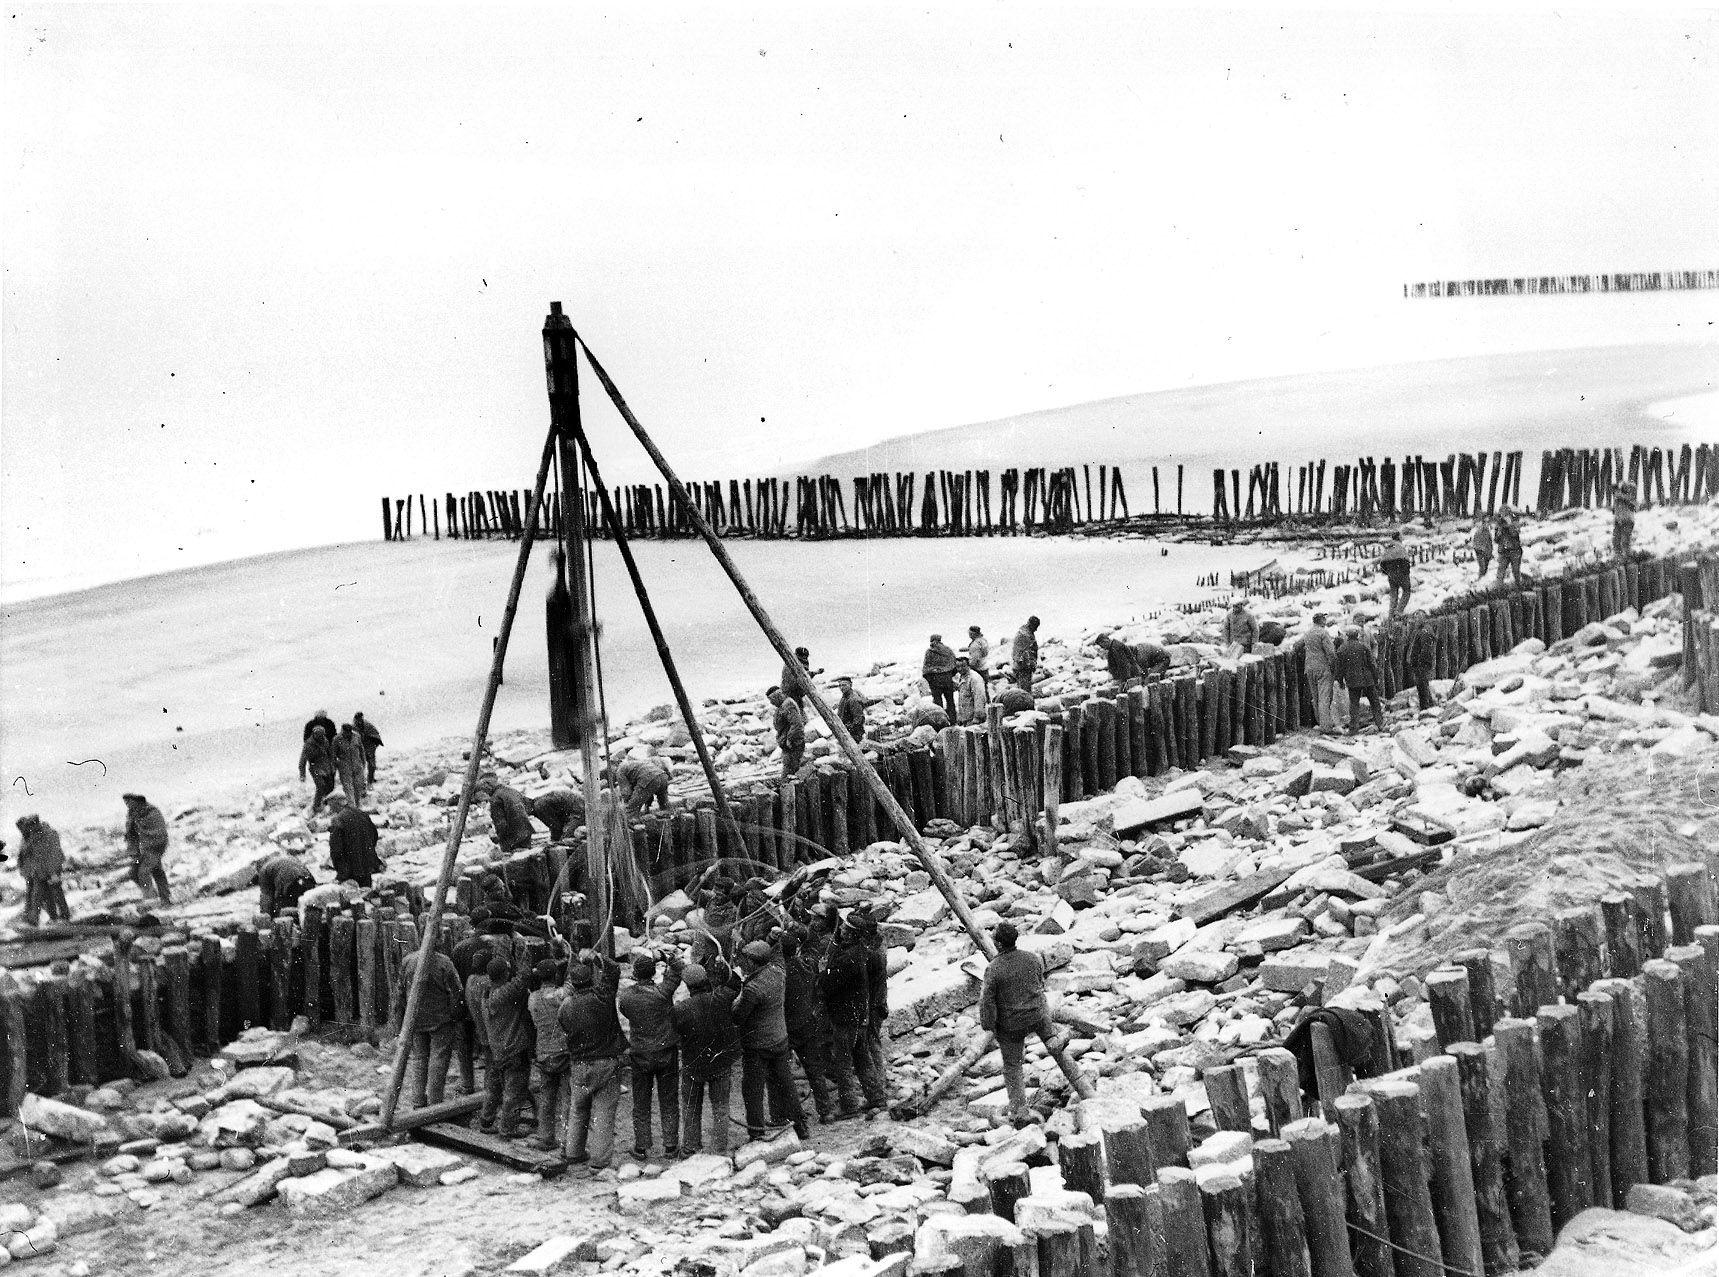 Heiwerk aan de dijk bij Westkapelle na een storm in 1944. (Zeeuws Archief, coll. N. Flipse-Roelse)